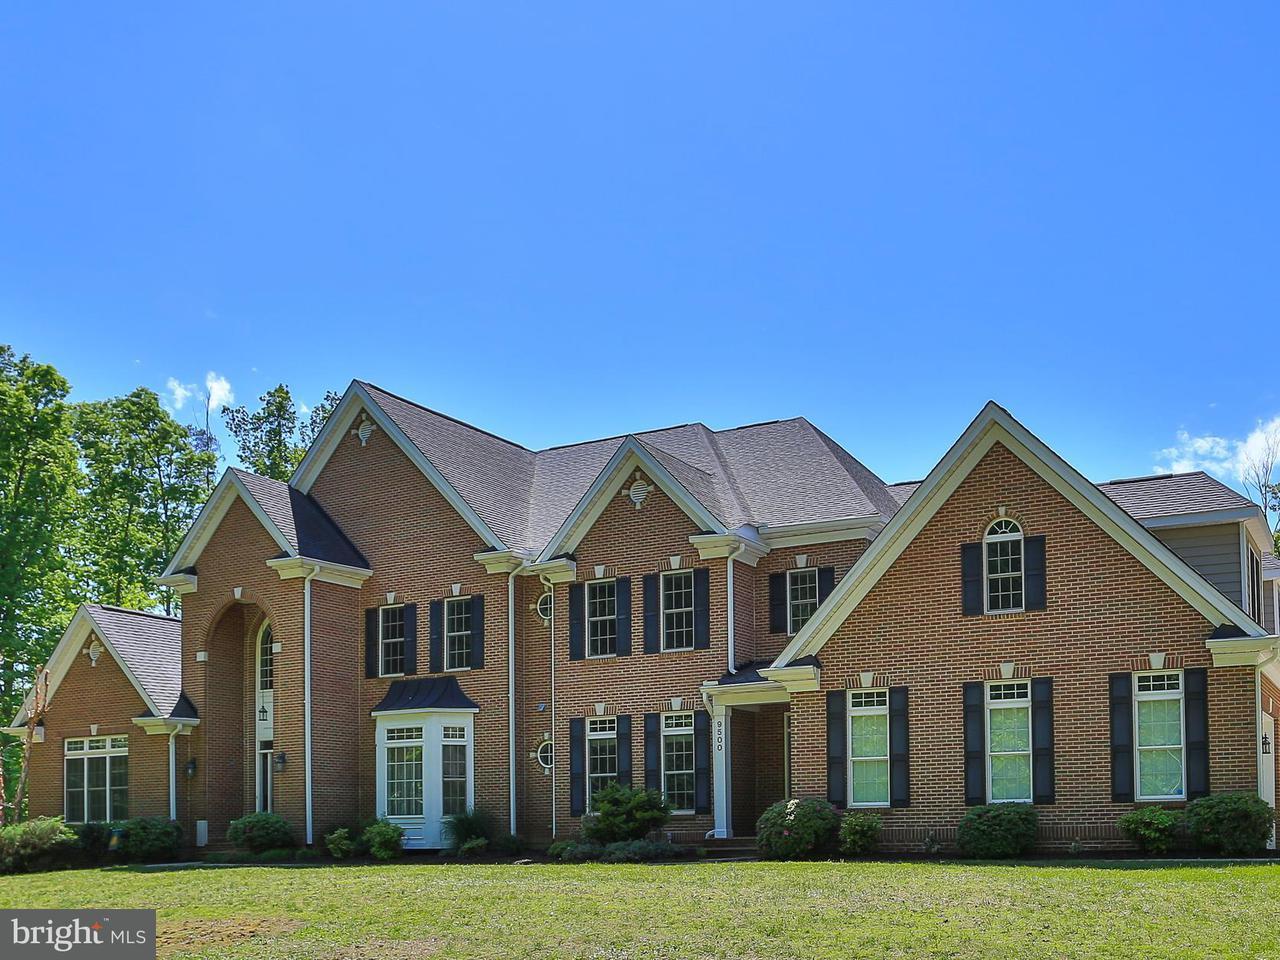 Частный односемейный дом для того Продажа на 9500 SHEVLIN Court 9500 SHEVLIN Court Nokesville, Виргиния 20181 Соединенные Штаты